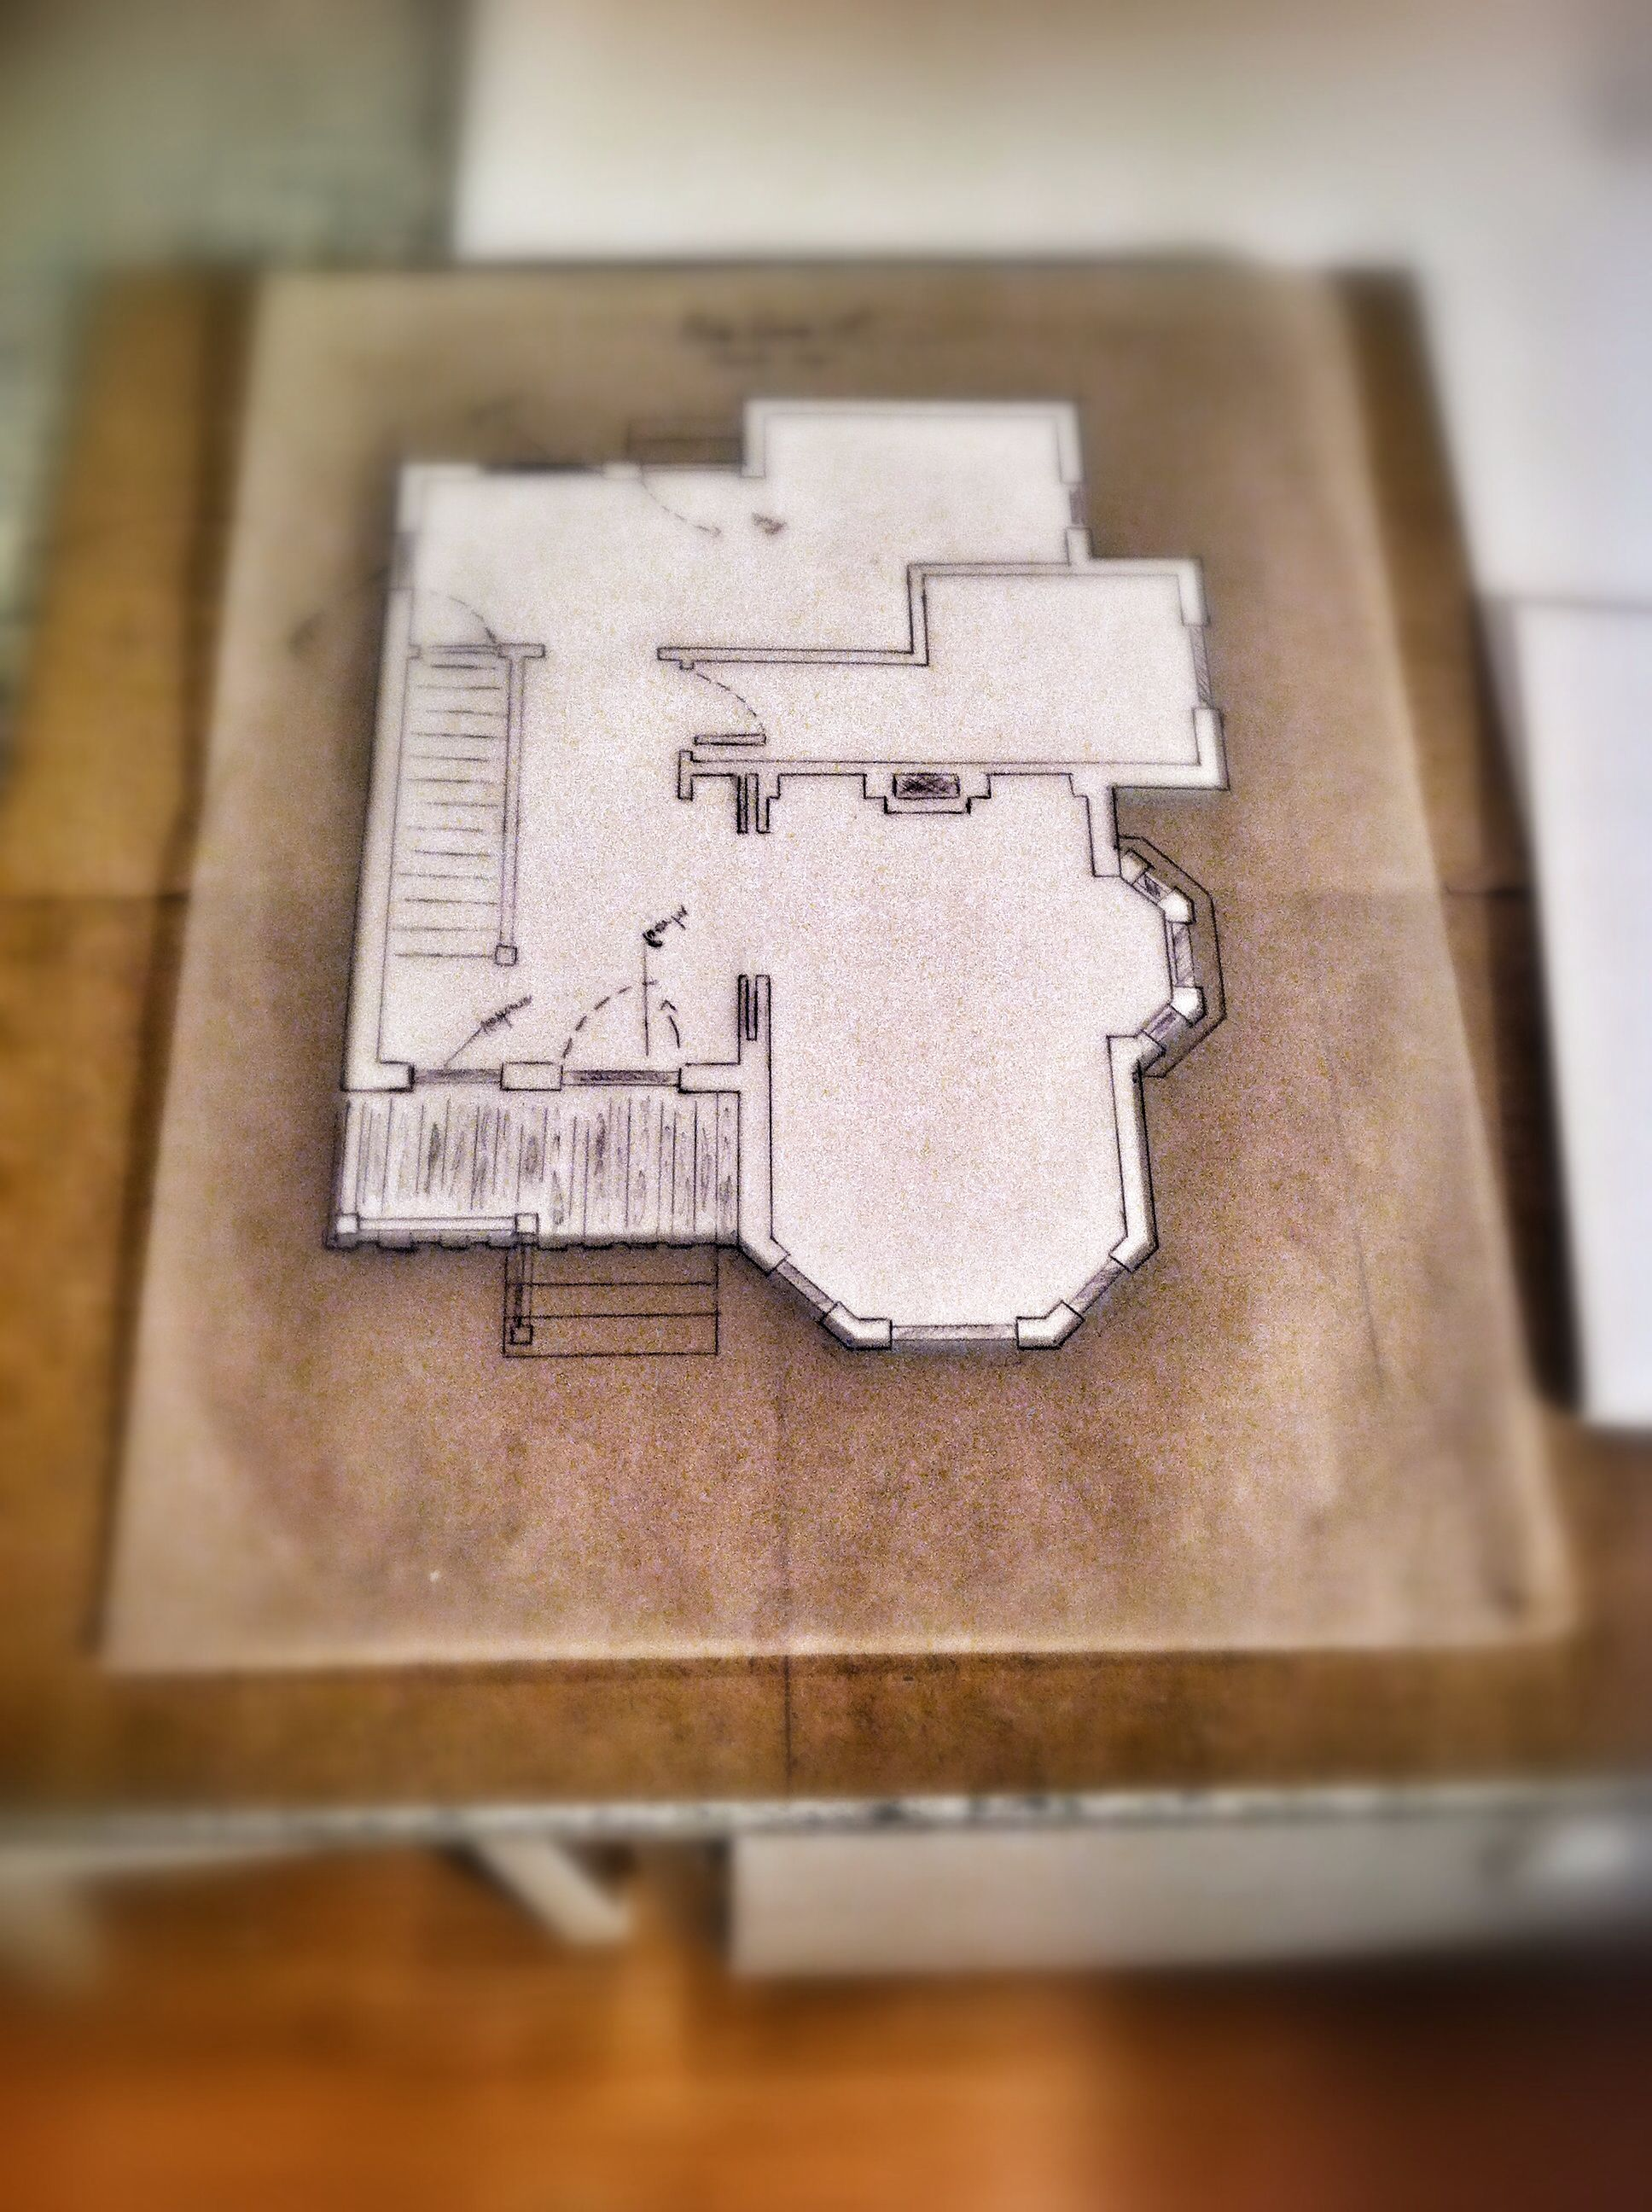 Plano casa up manualidades bricolaje y manualidades - Hacer bricolaje en casa ...